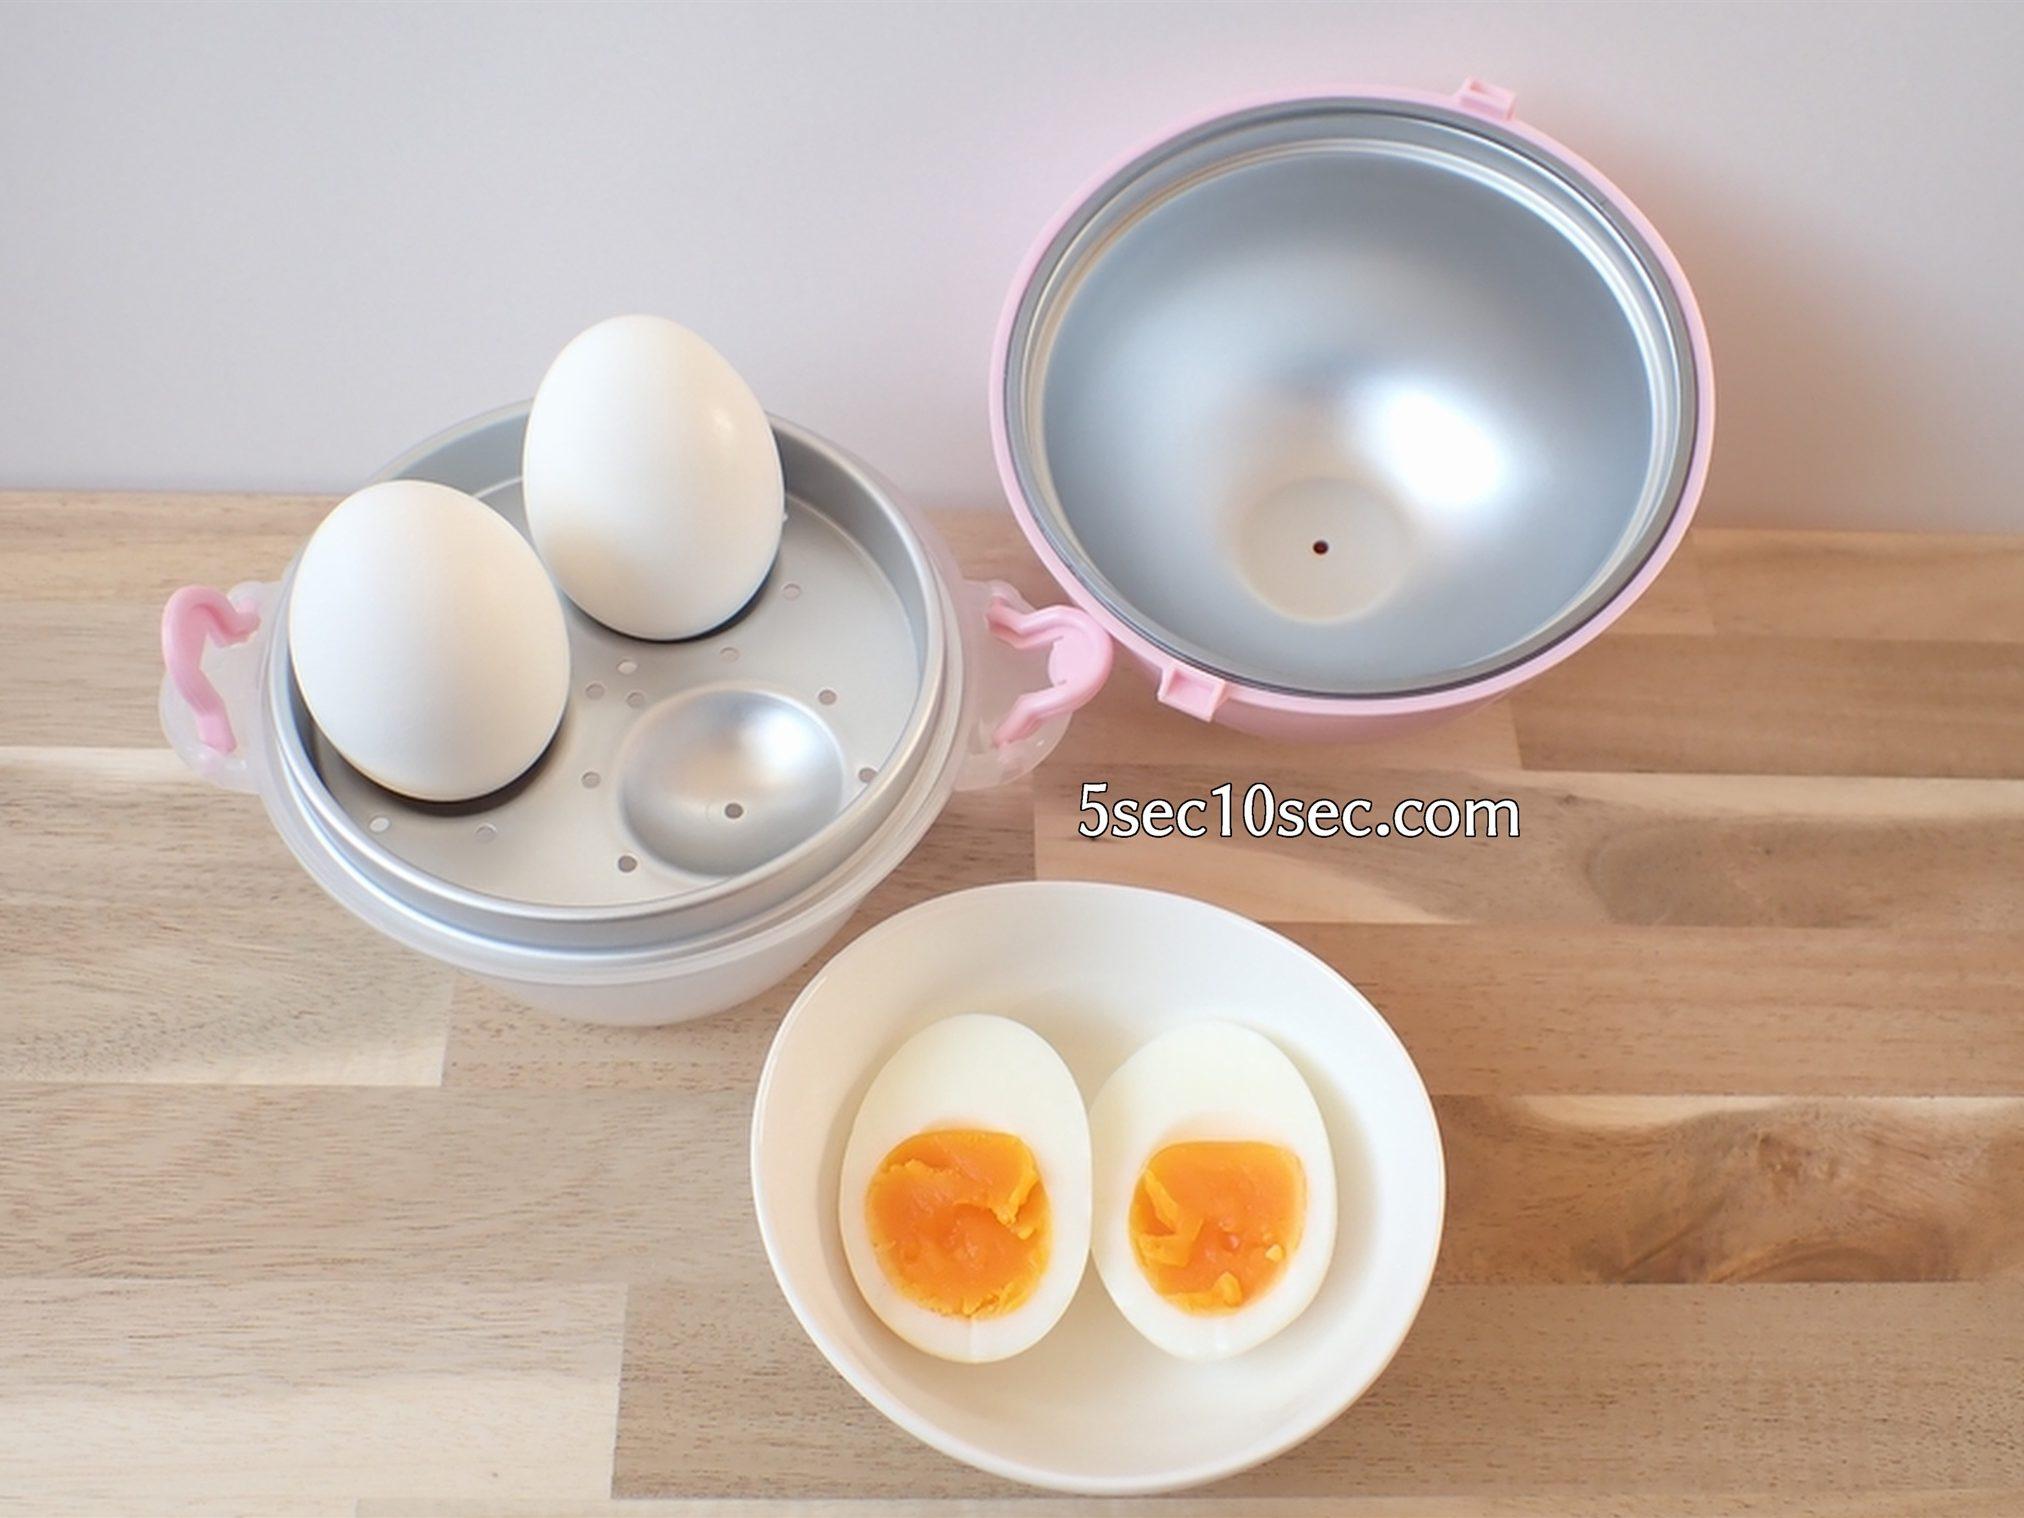 貝印 KAI レンジでゆでたまごが作れる容器 電子レンジで作ったゆで卵